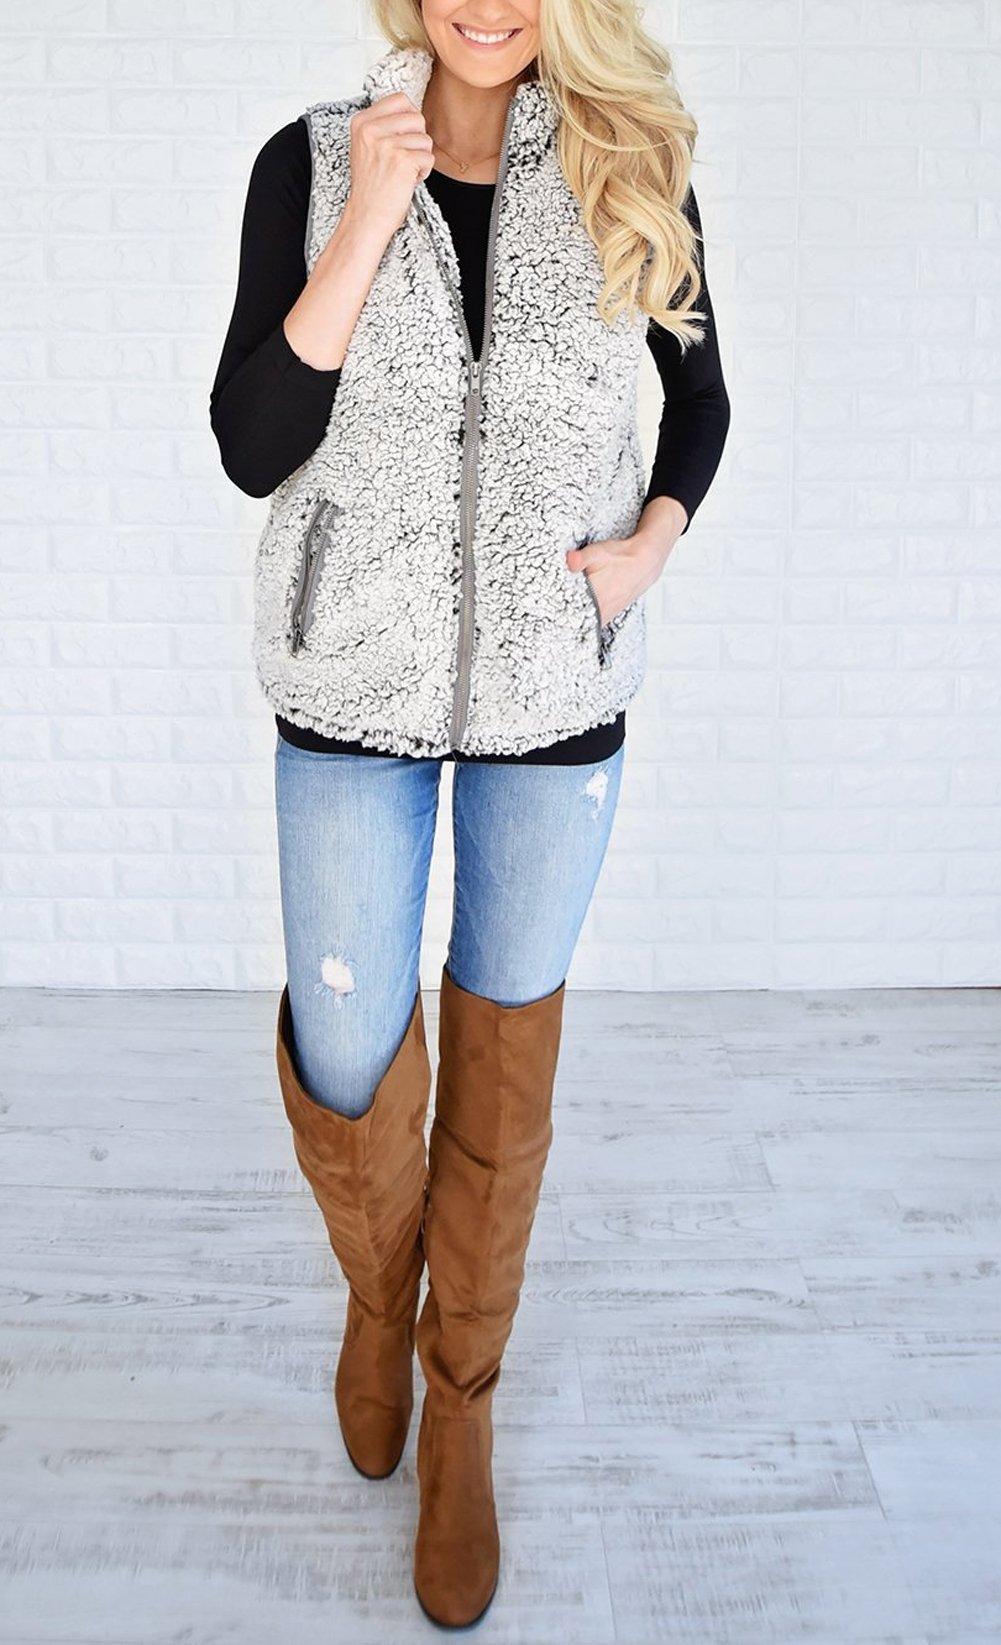 MEROKEETY Women's Casual Sherpa Fleece Lightweight Fall Warm Zipper Vest Pockets by MEROKEETY (Image #3)